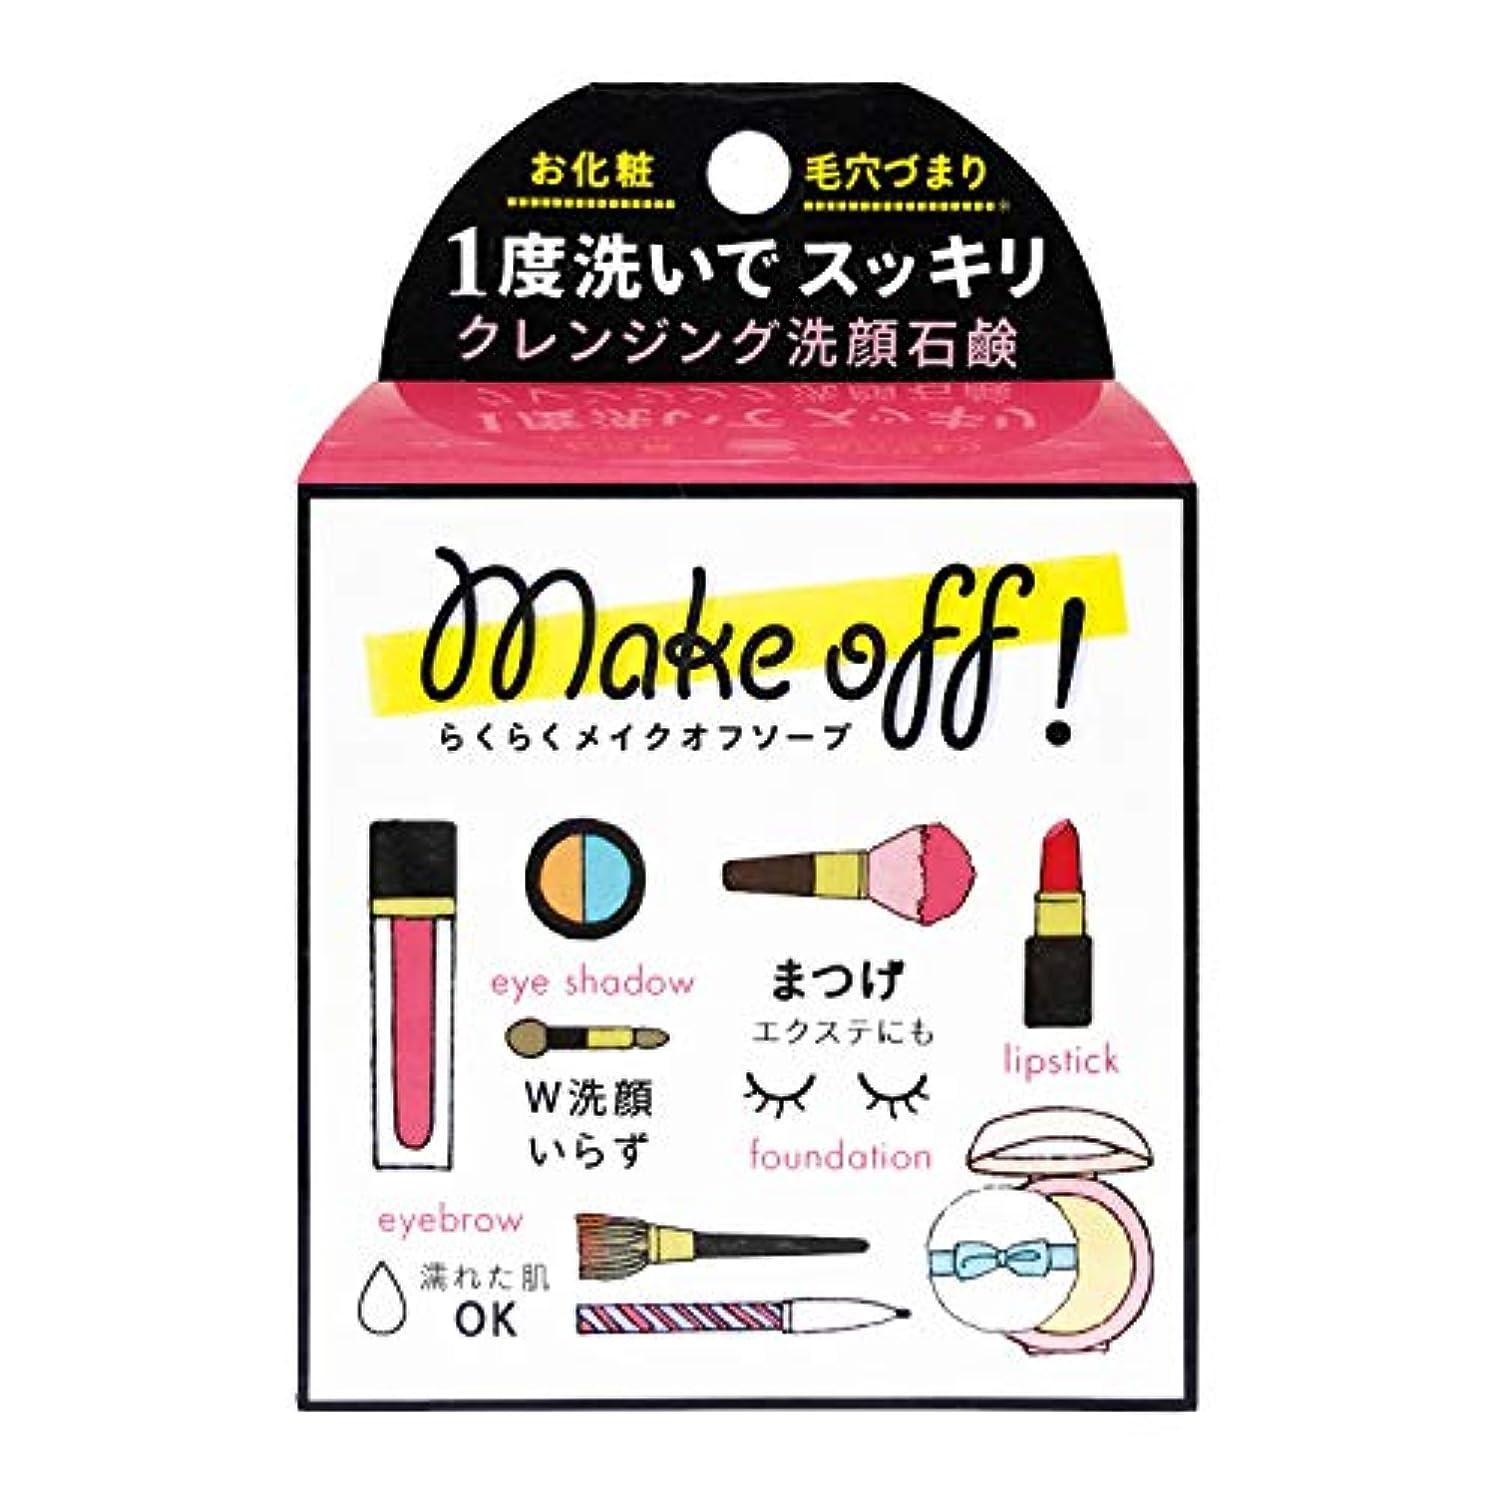 パレード売り手絶対のMAKE OFF SOAP (メイク オフ ソープ) 80g